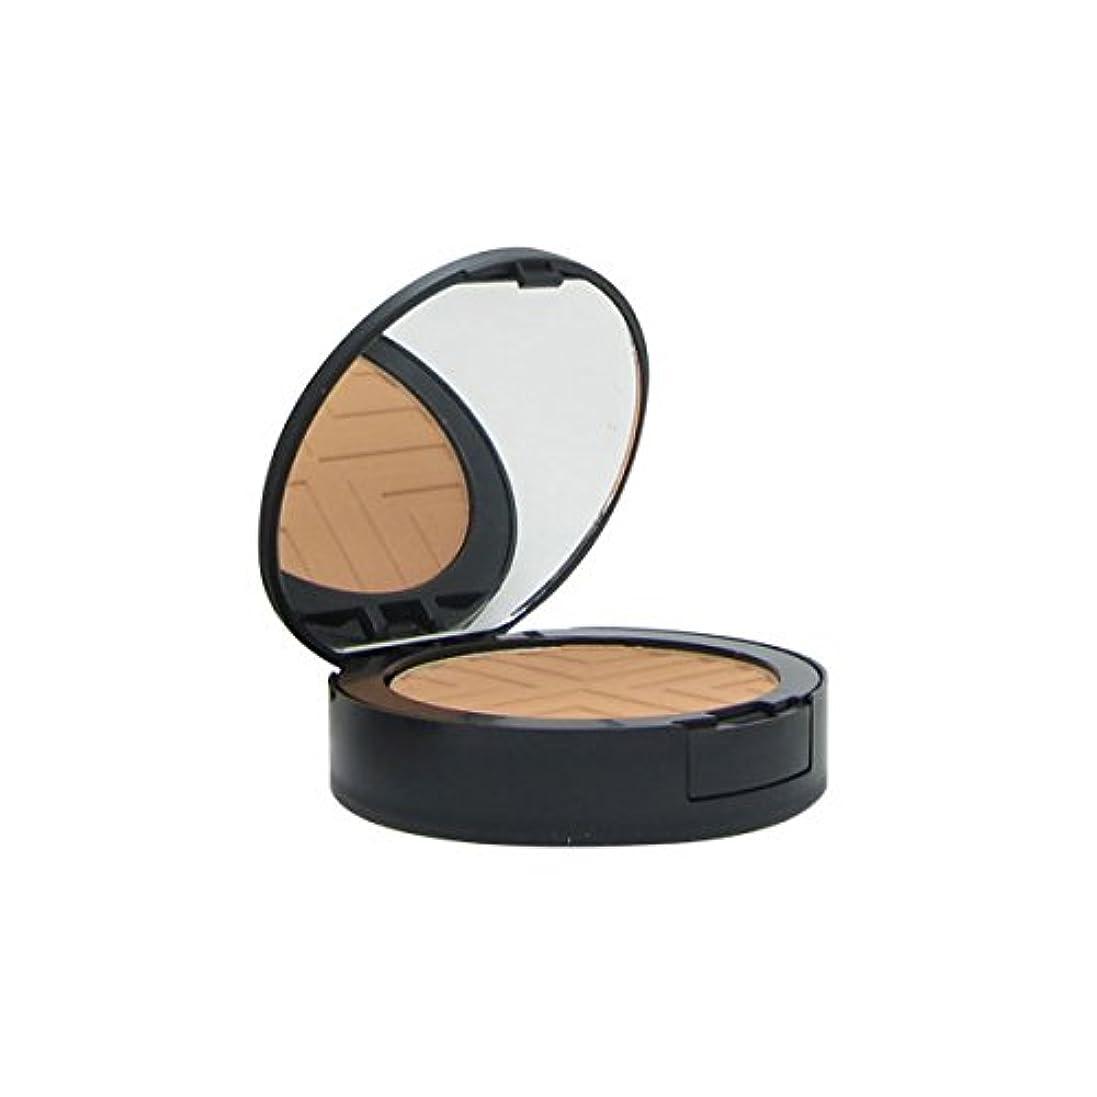 以内に明確に限りなくVichy Dermablend Covermatte Compact Powder Foundation 55 Bronze 9,5g [並行輸入品]